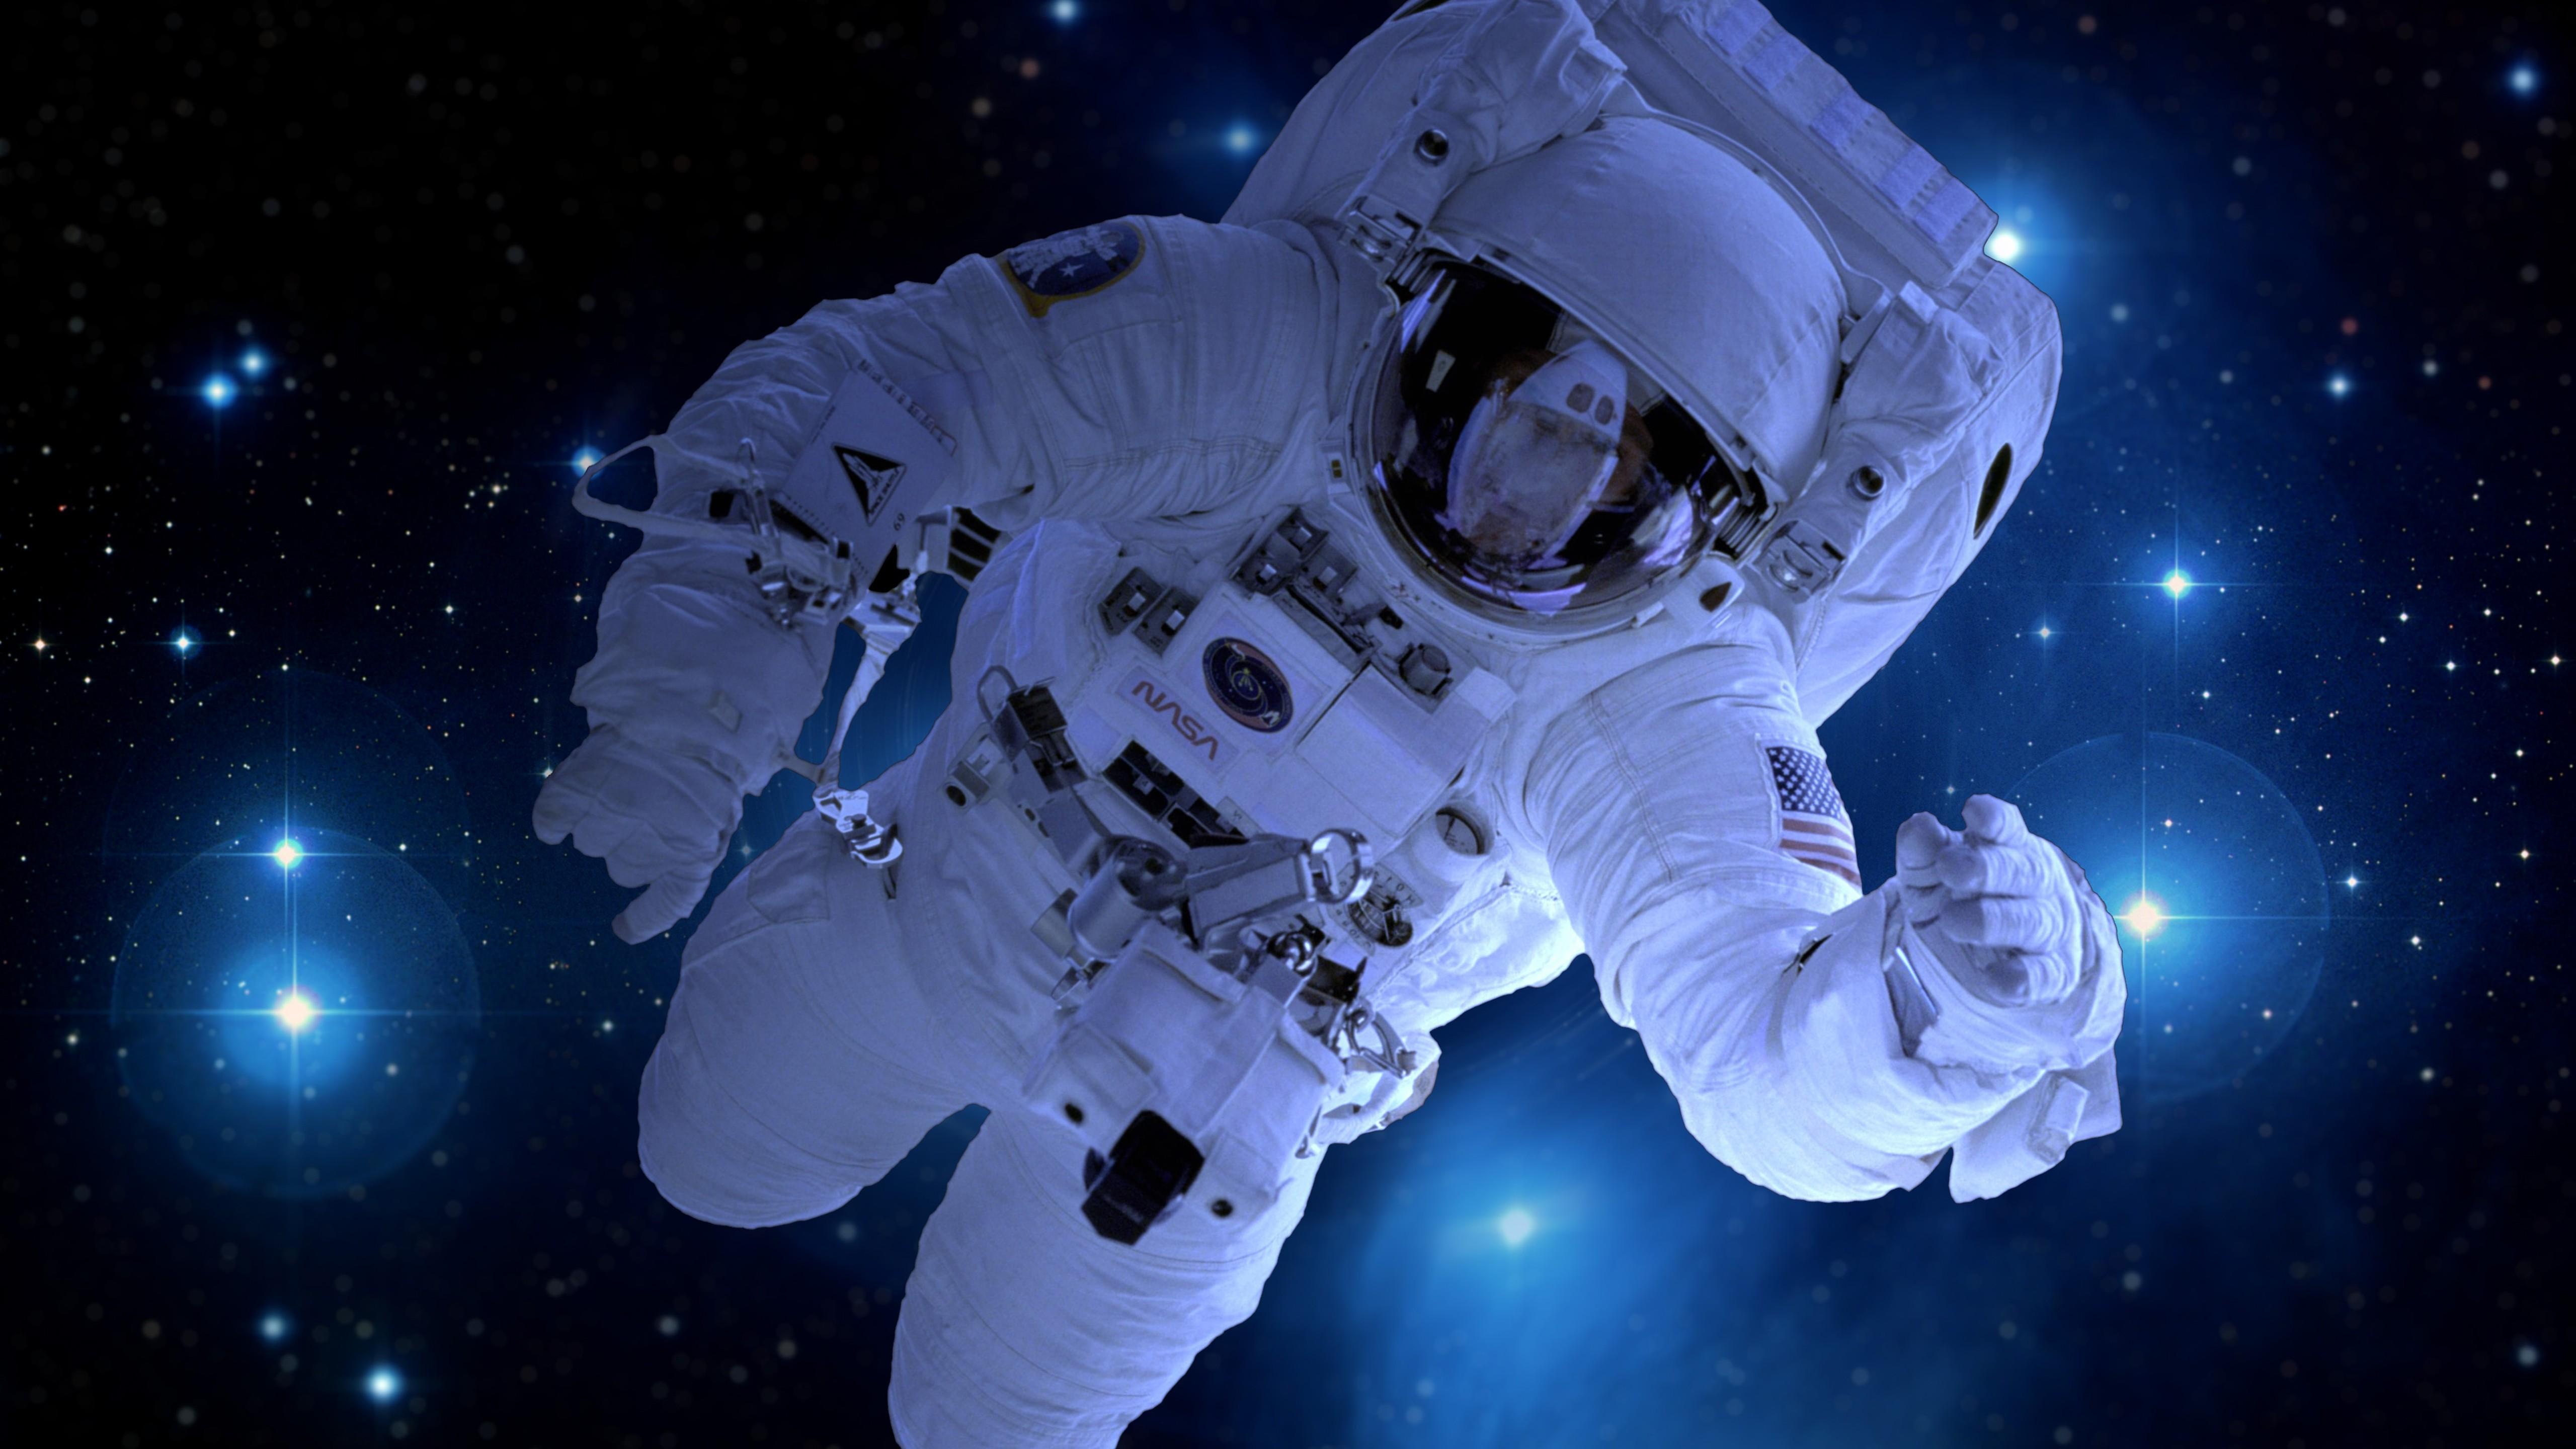 Космонавт в открытом космосе фото